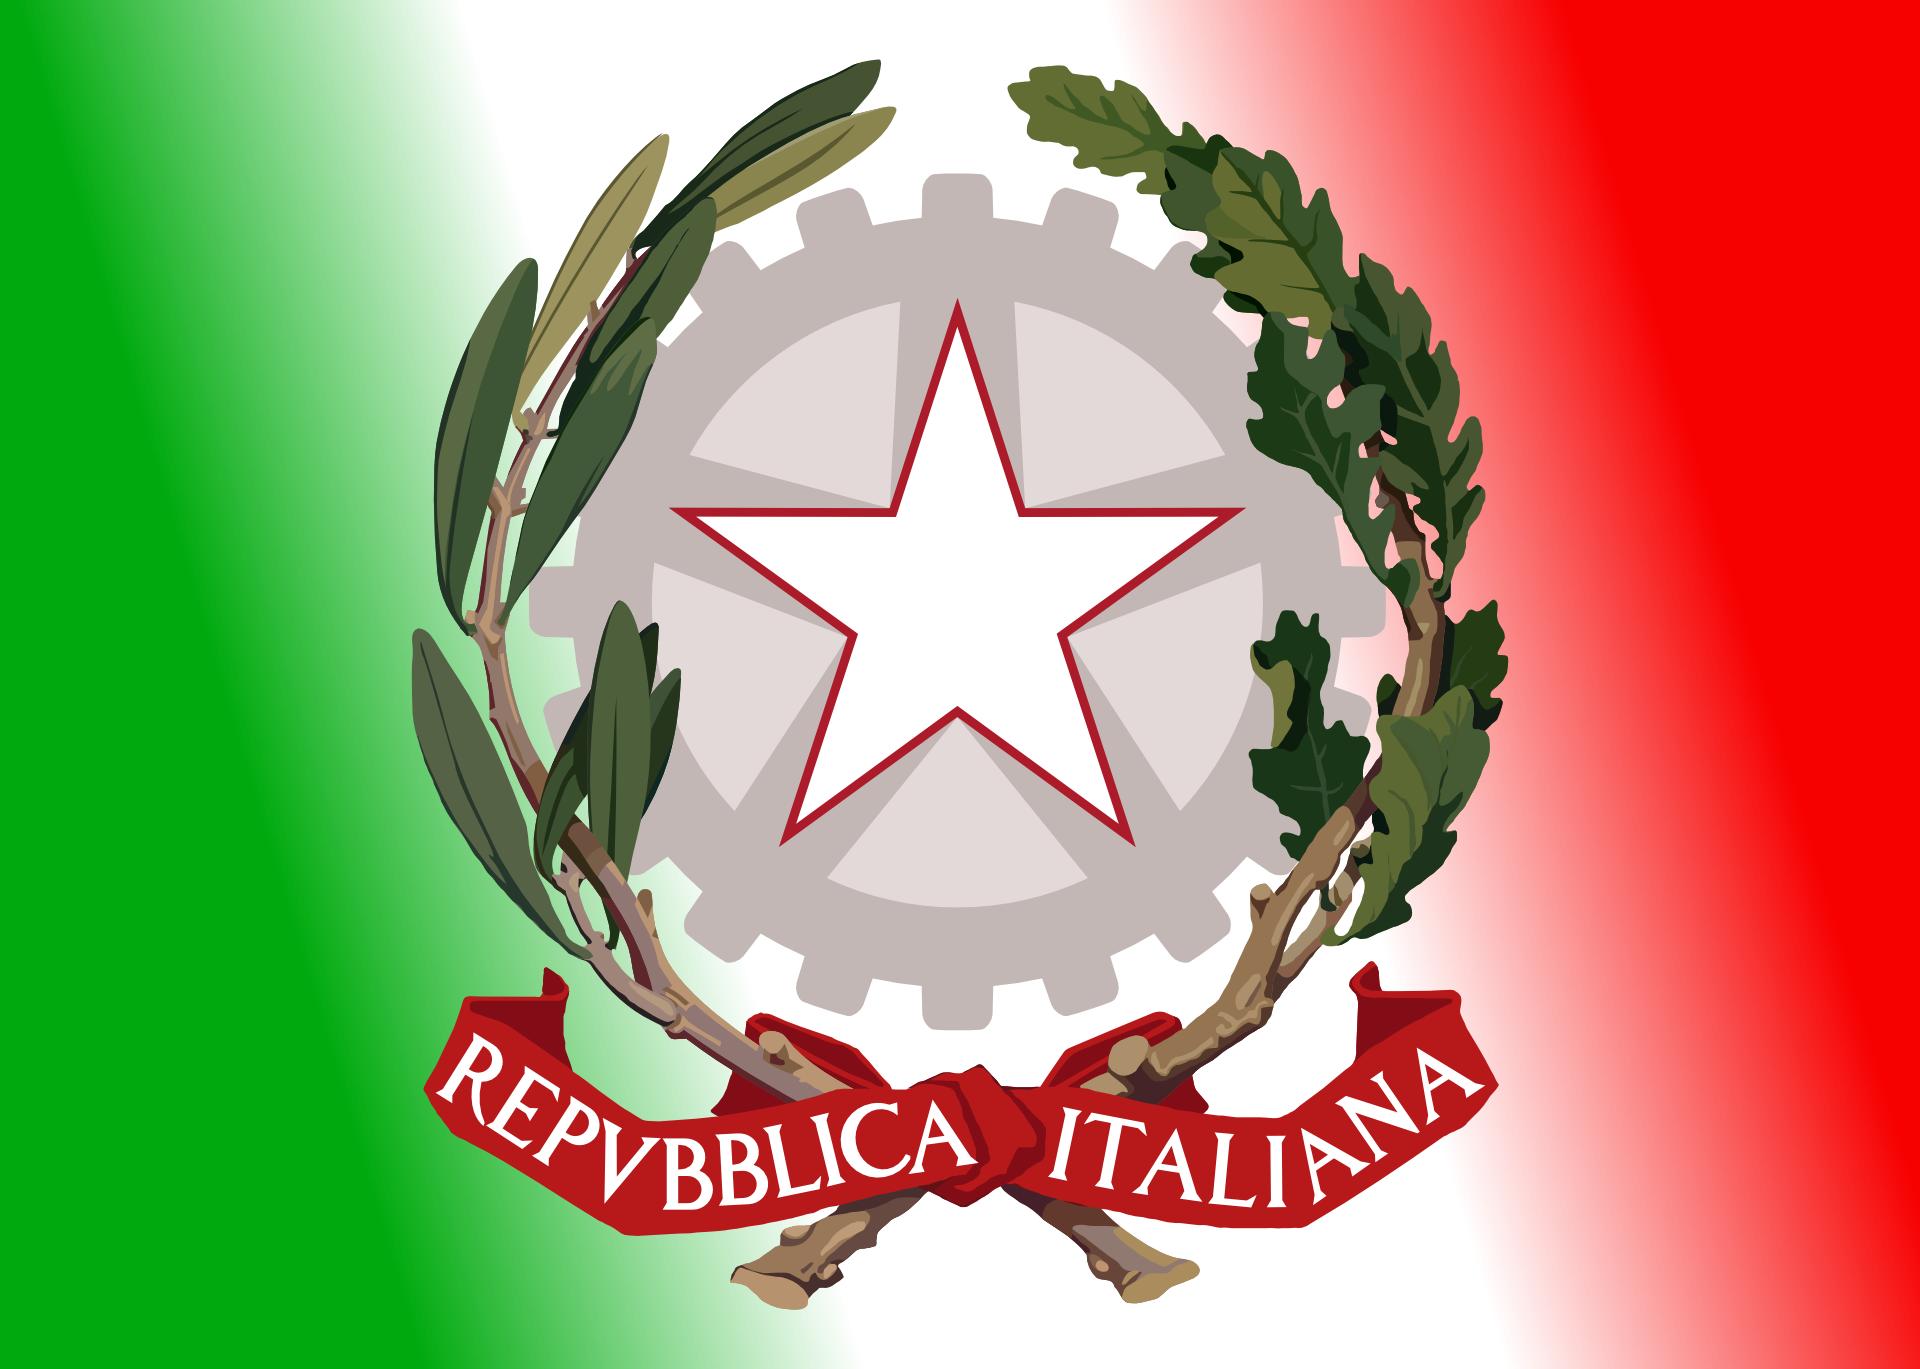 L'ennesima mascalzonata all' italiana